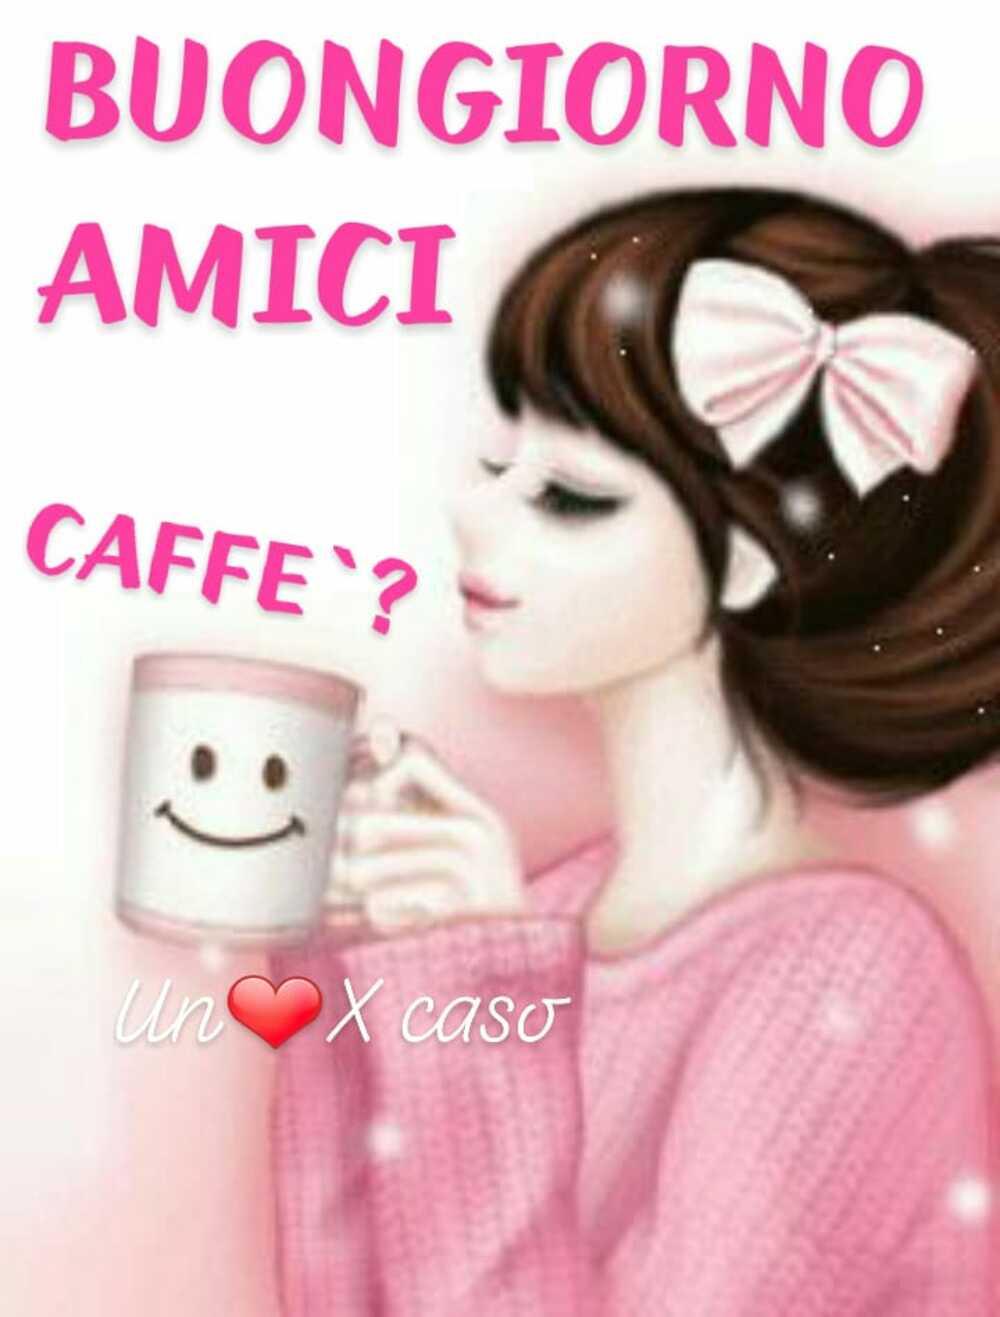 Buongiorno Amici. Caffè?